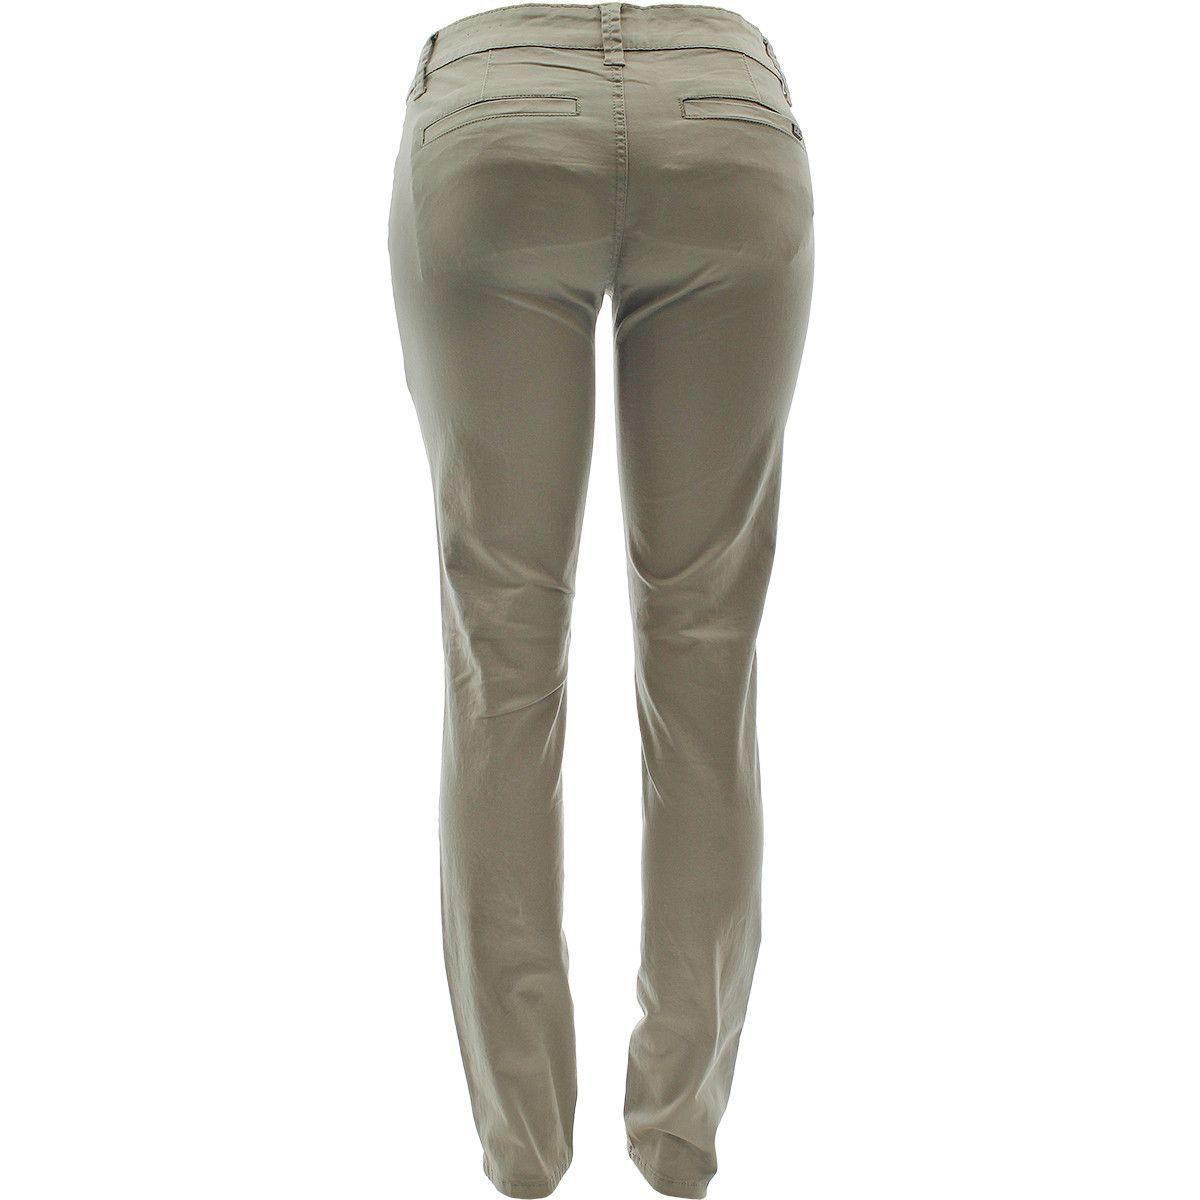 b1a2628d80e Zana Di - Women s Ext Tab Twill Pants - Khaki